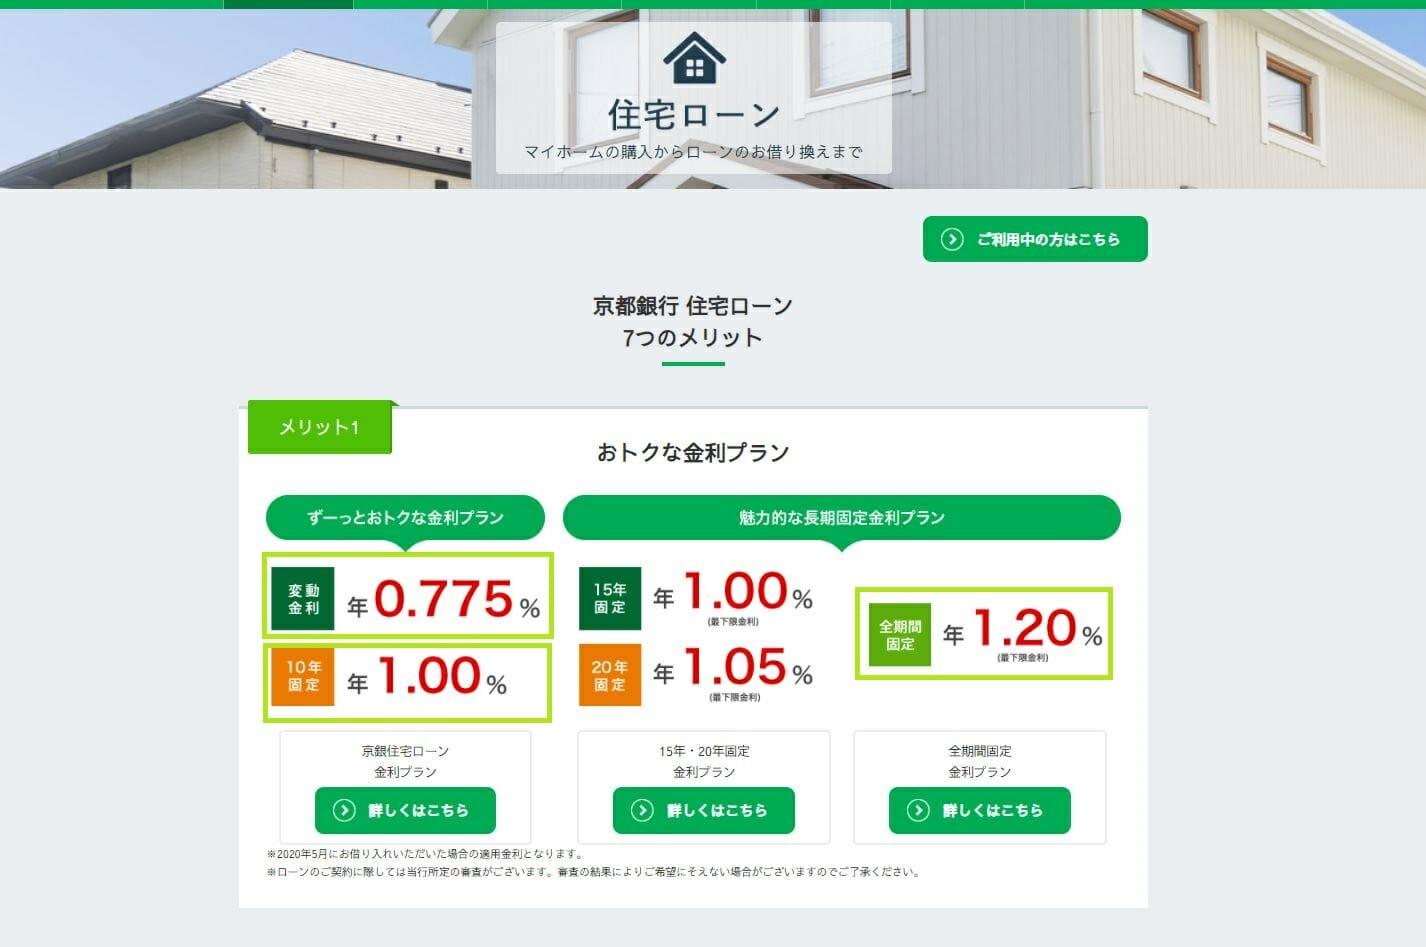 京都銀行の2020年5月の住宅ローン金利